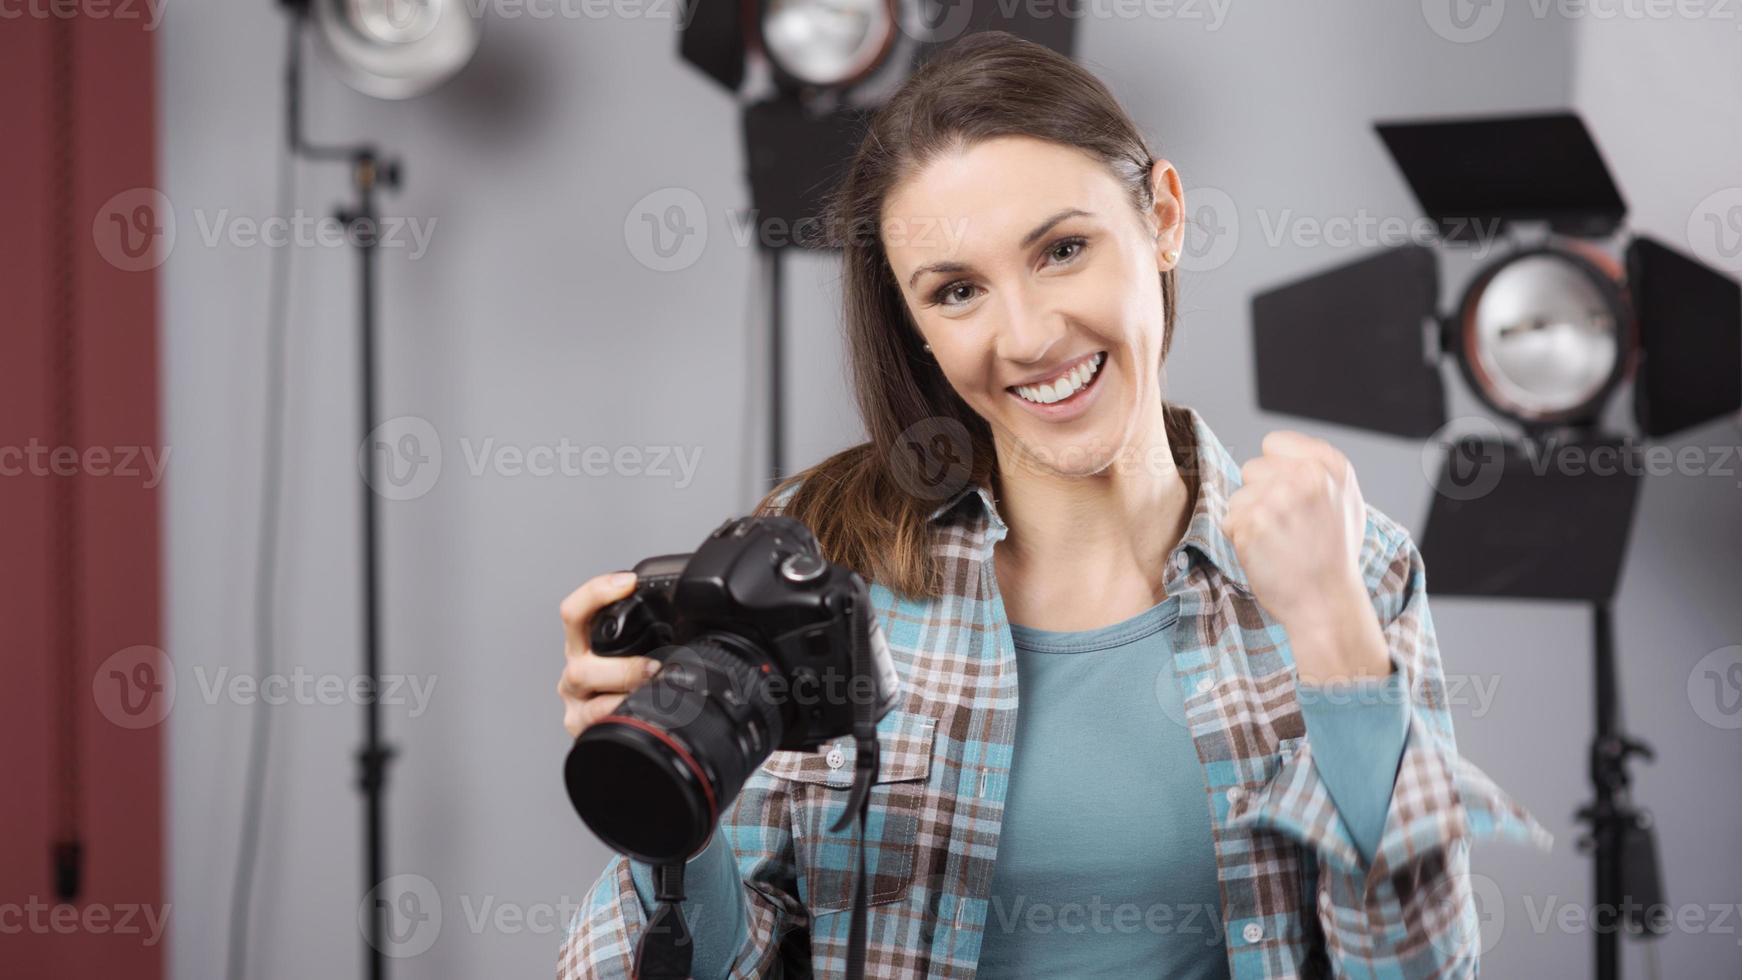 fotografo in posa in uno studio professionale foto